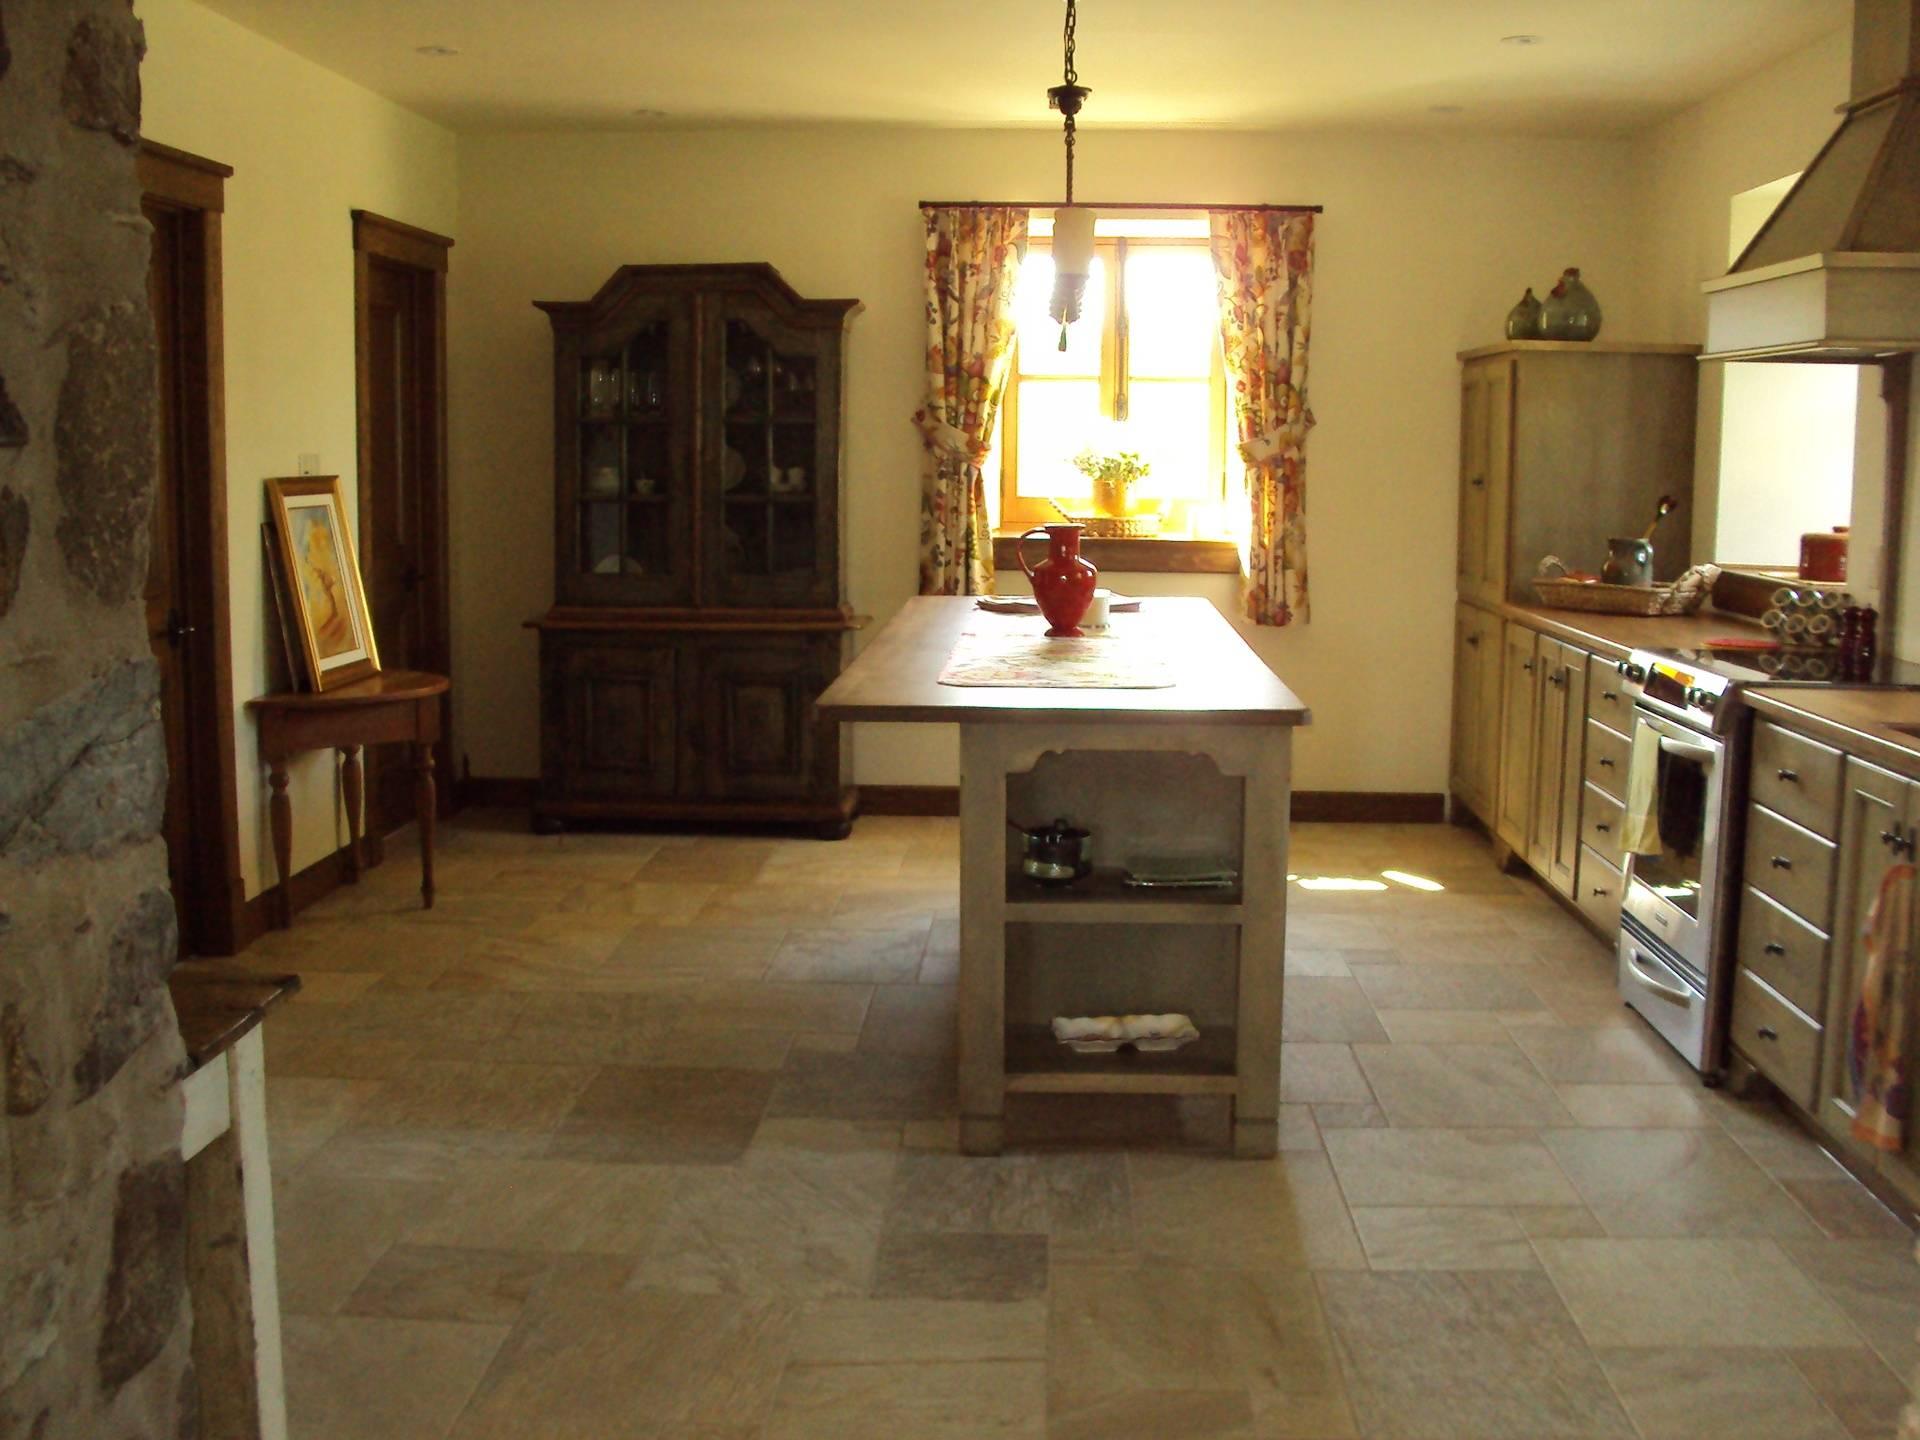 Armoire de cuisine, maison ancestrale